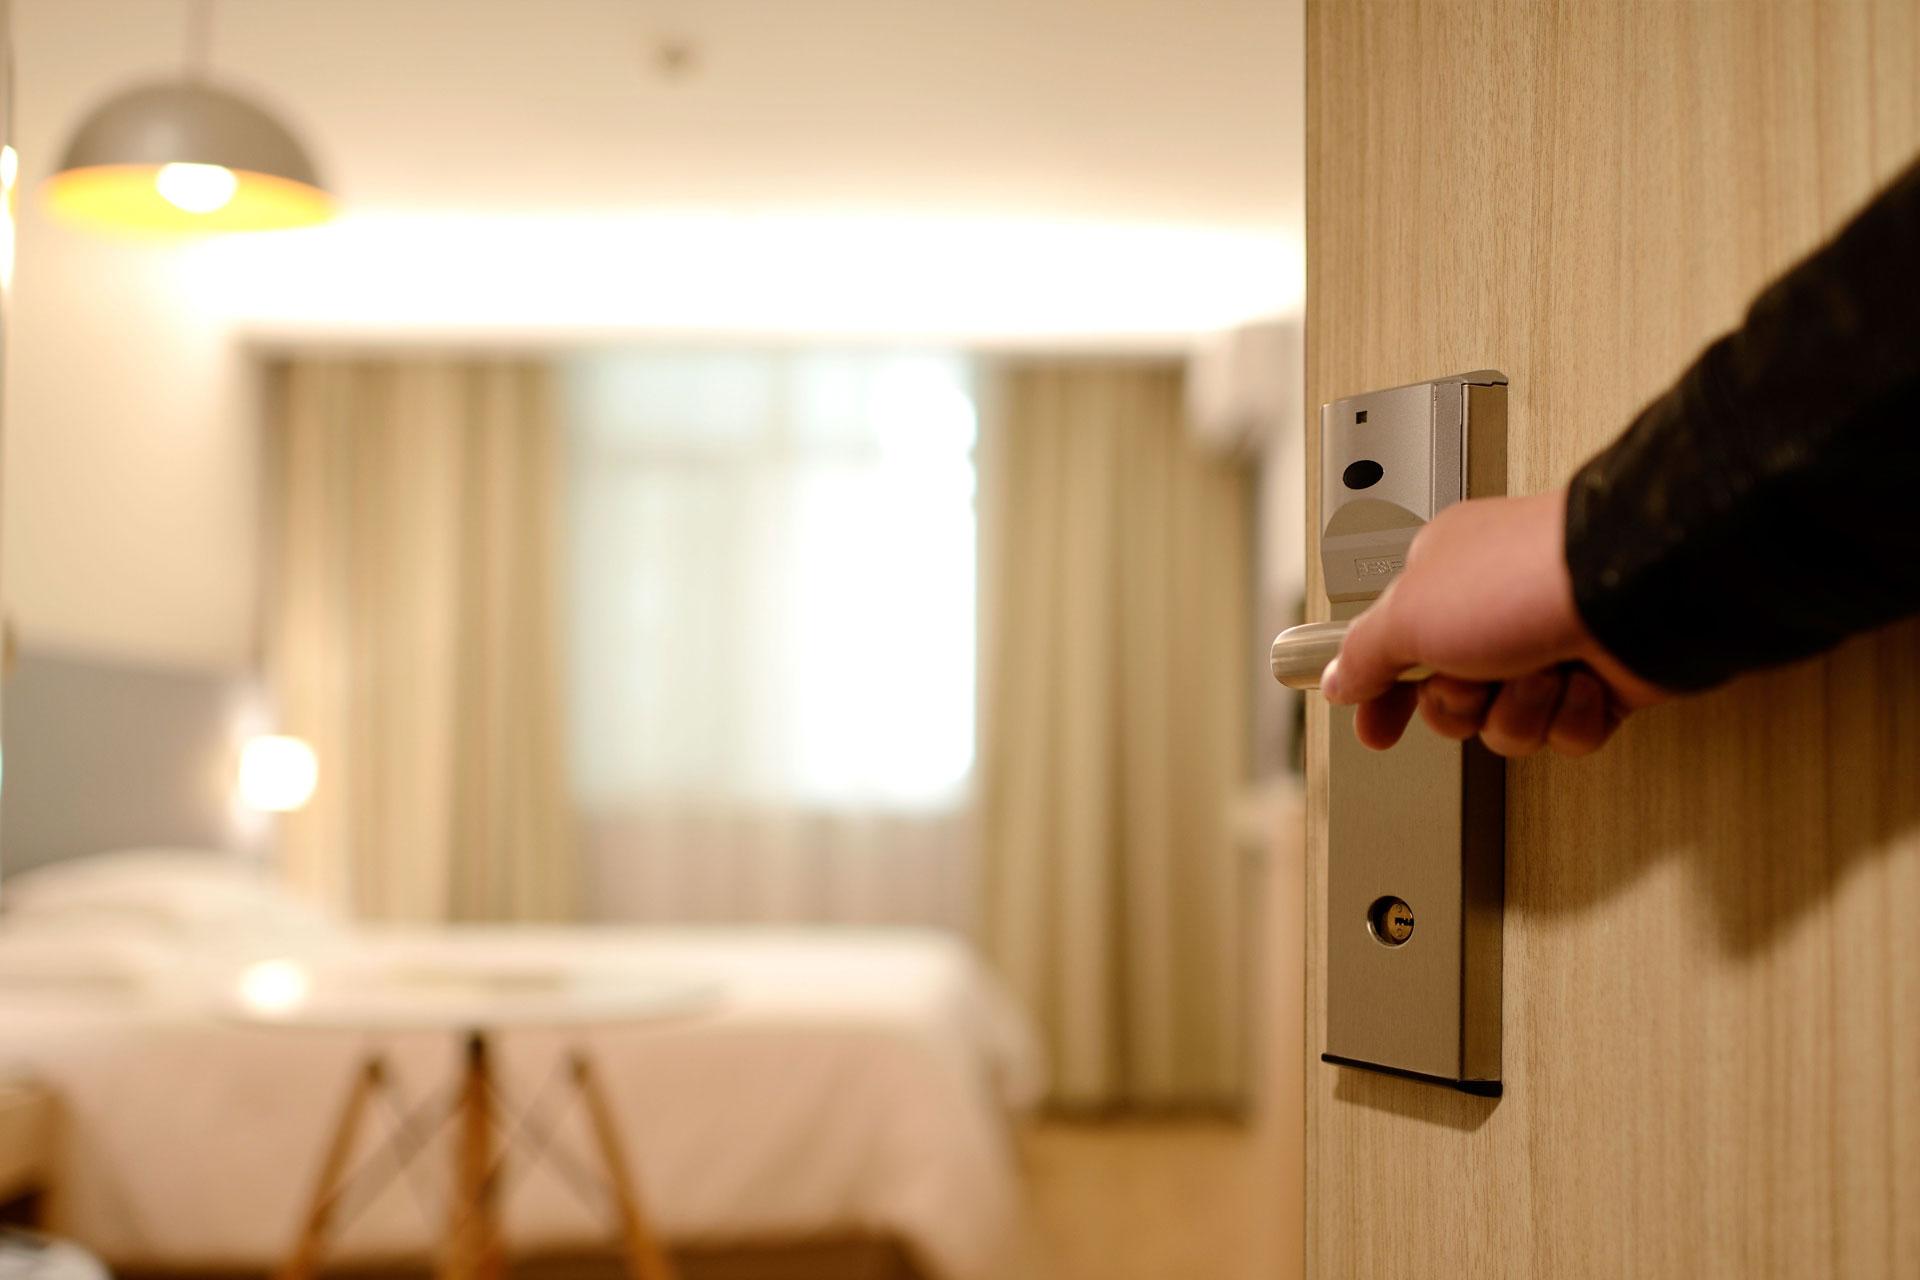 Opening door to room